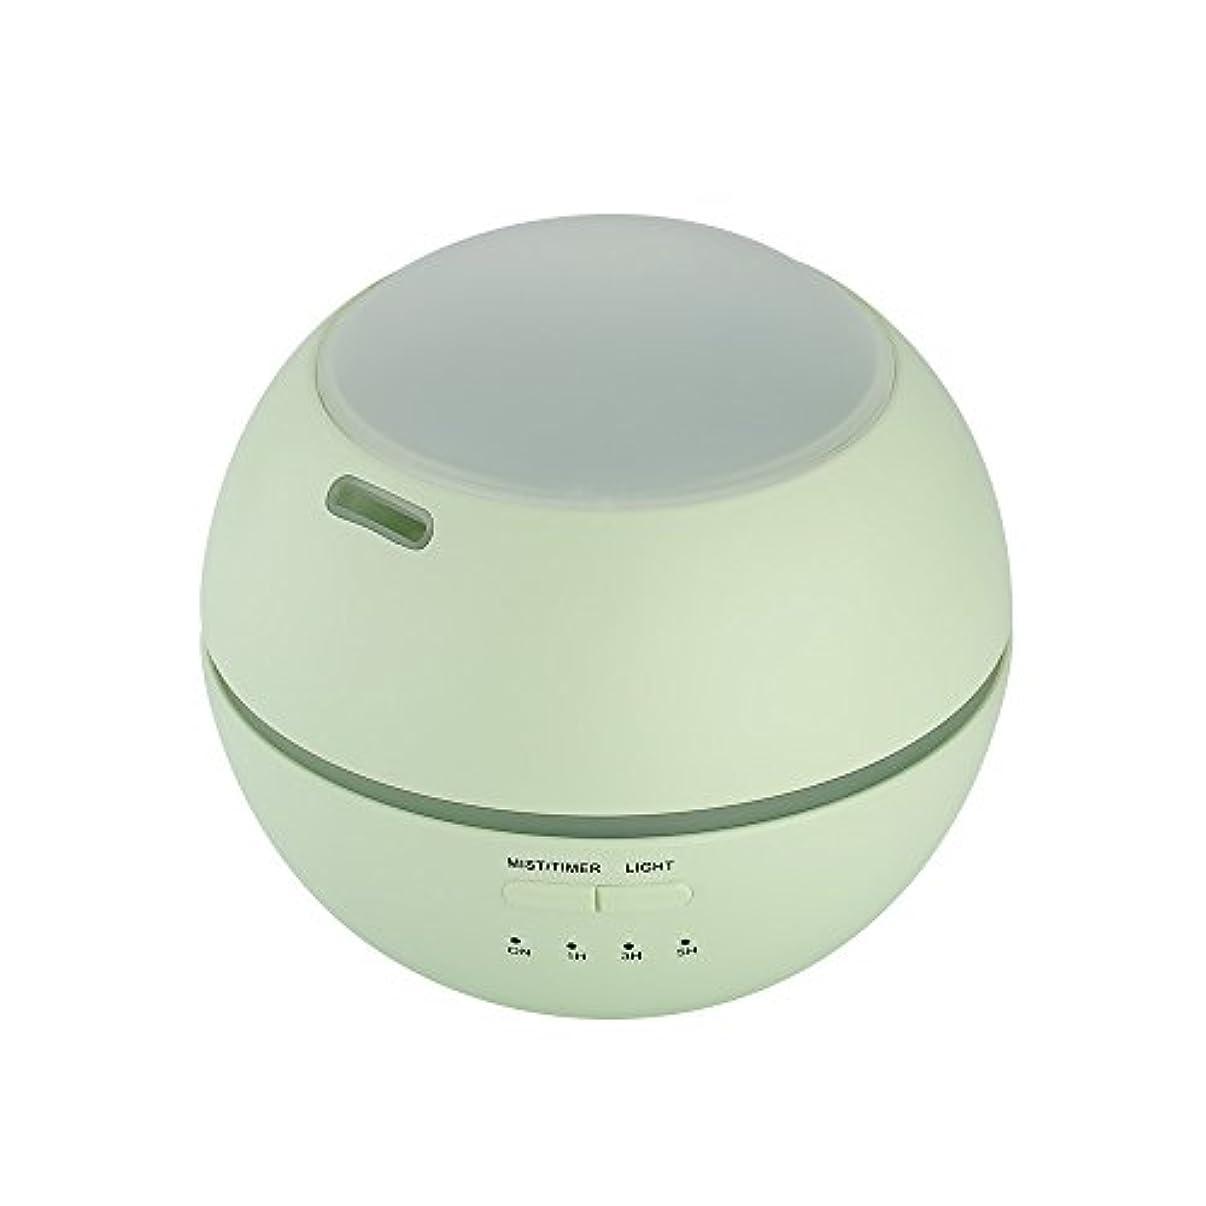 狐フォーカスようこそ超音波式 アロマディフューザー 卓上 加湿器 8色LEDライト変換 超静音 ミス調整可能 時間設定タイマー機能付き 空焚き防止機能搭載 アロマ加湿器 150mL by smartlife (グリーン)